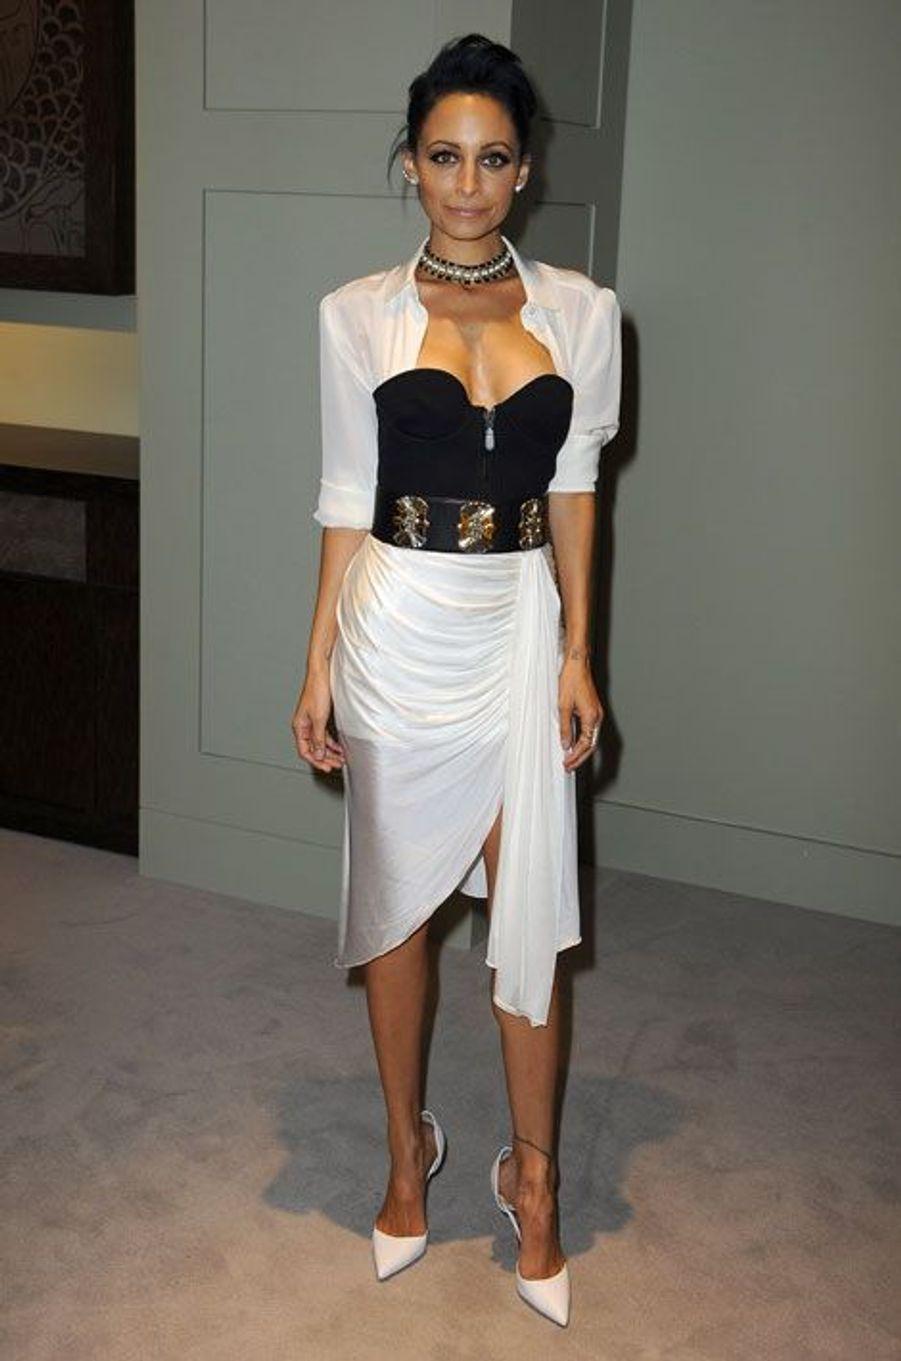 La fille adoptive de Lionel Richie, Nicole Richie, lance sa collection de bijoux à Beverly Hills, le 18 octobre 2014